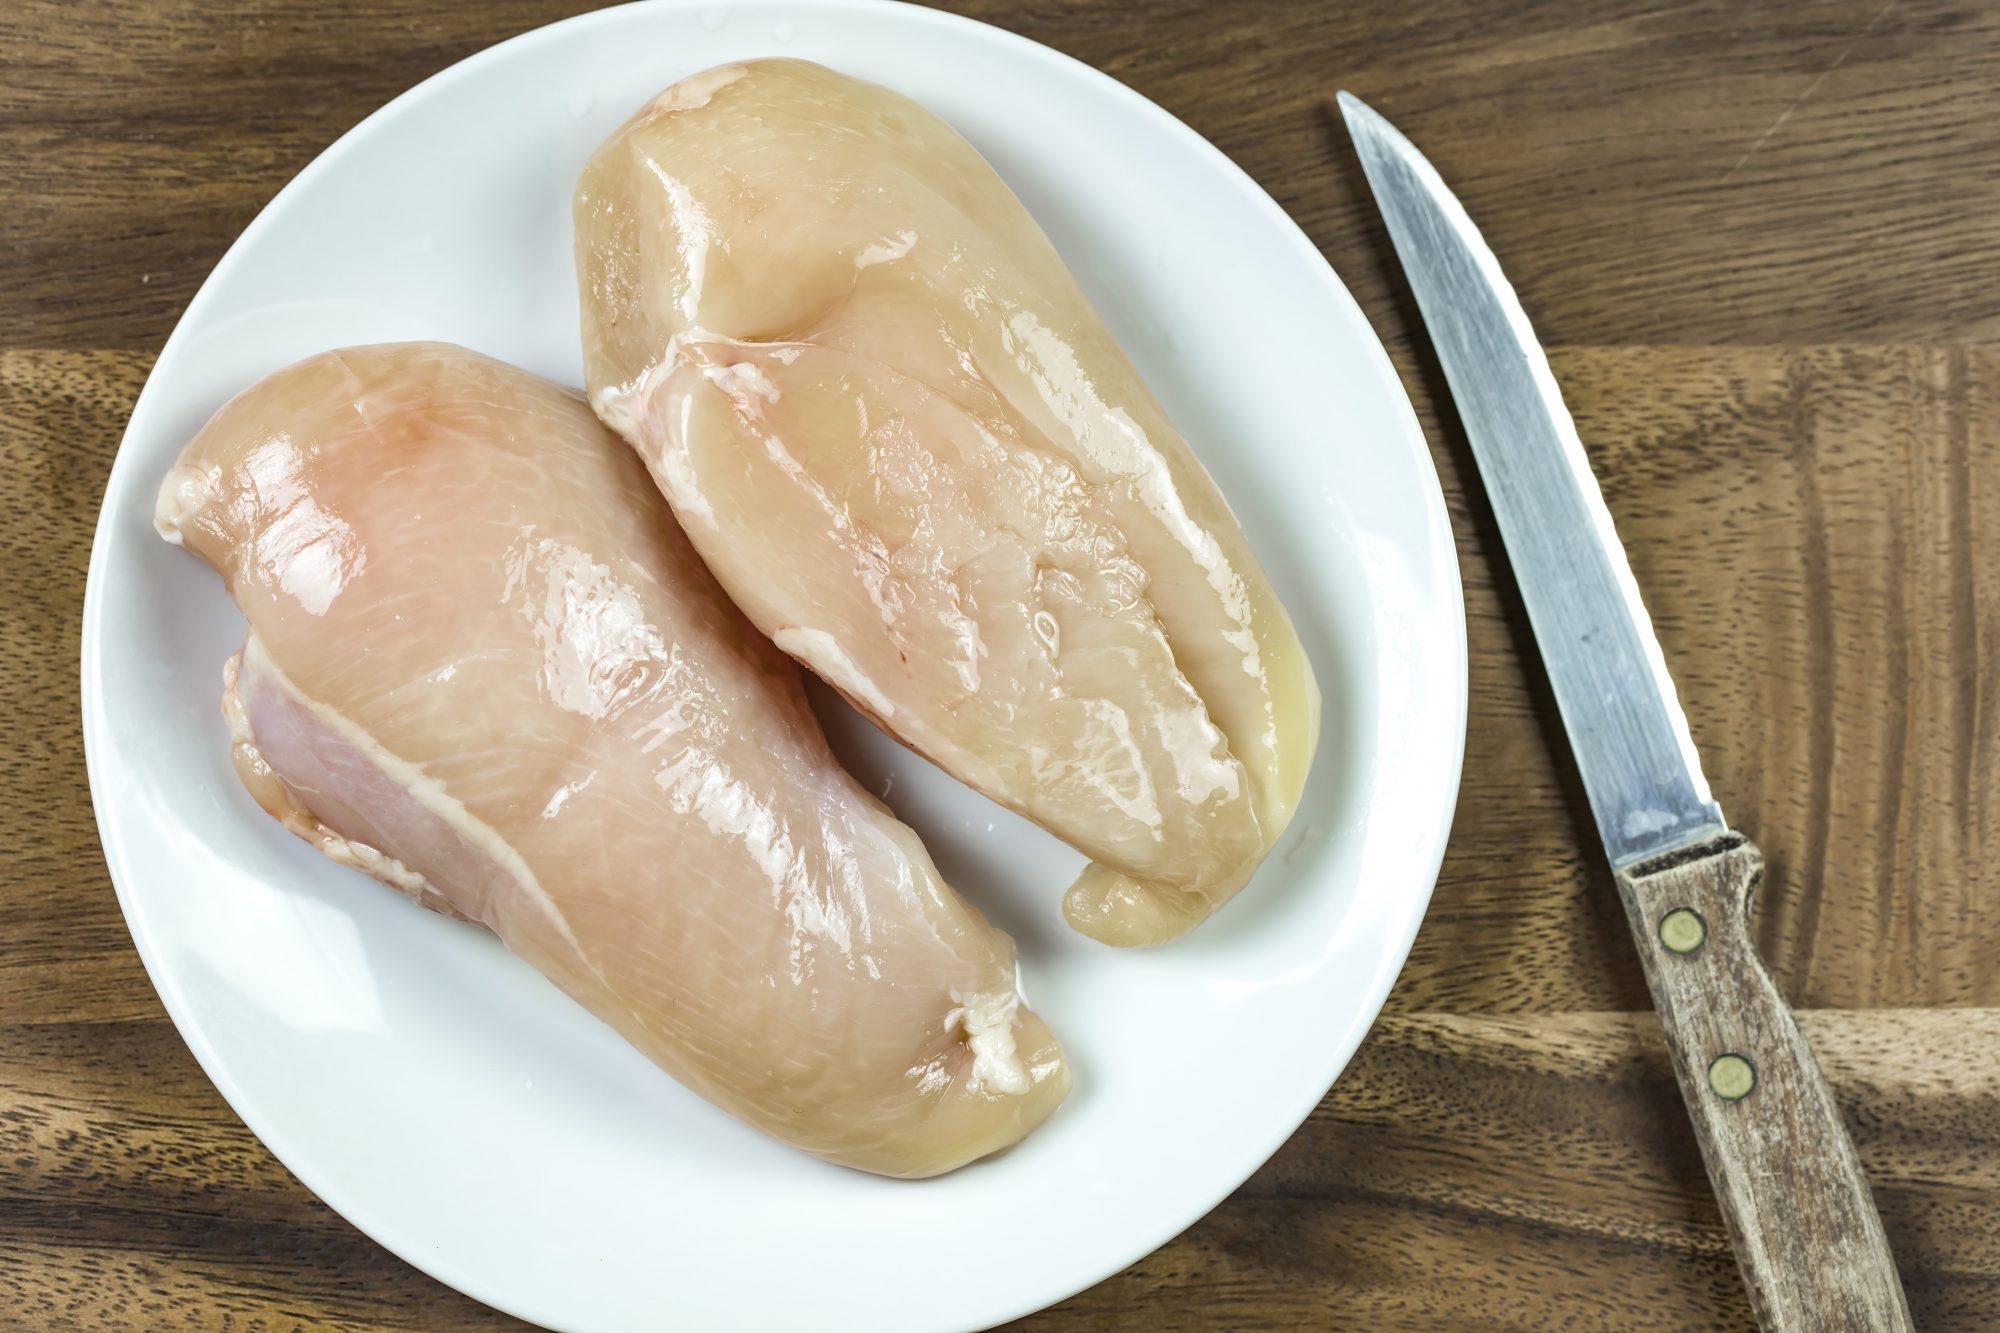 white-stuff-in-raw-chicken